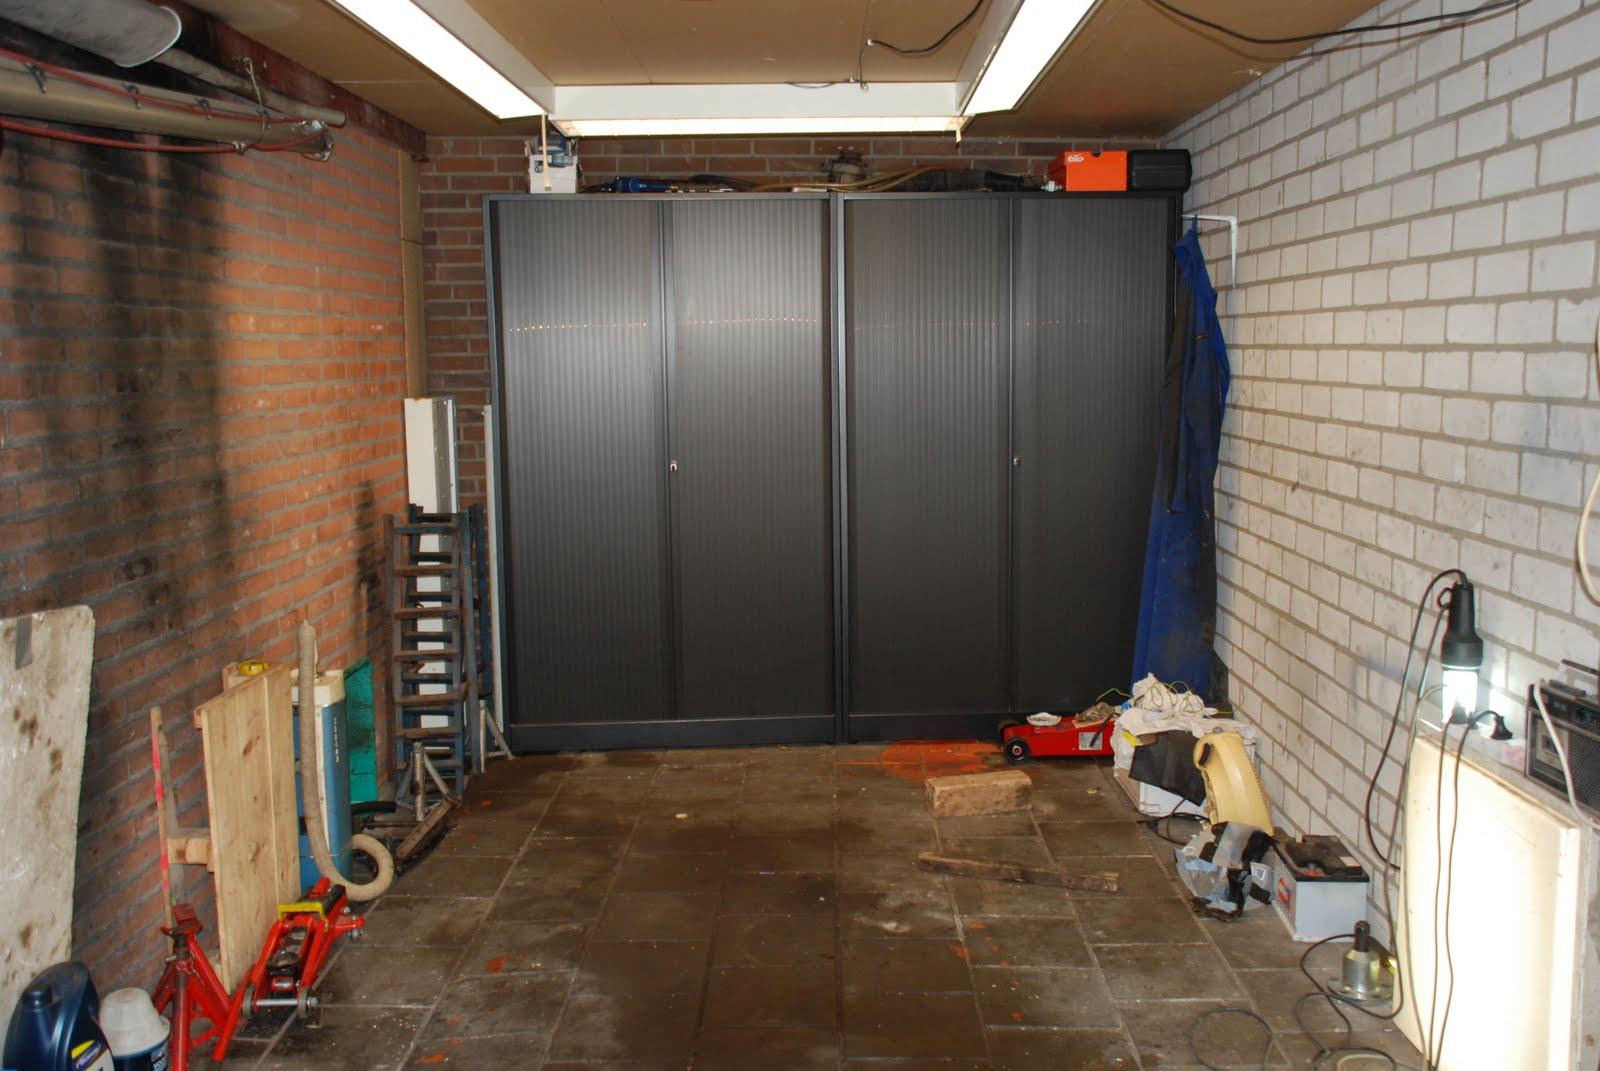 garagekasten gladiator garageworks garage storage pc rta. Black Bedroom Furniture Sets. Home Design Ideas